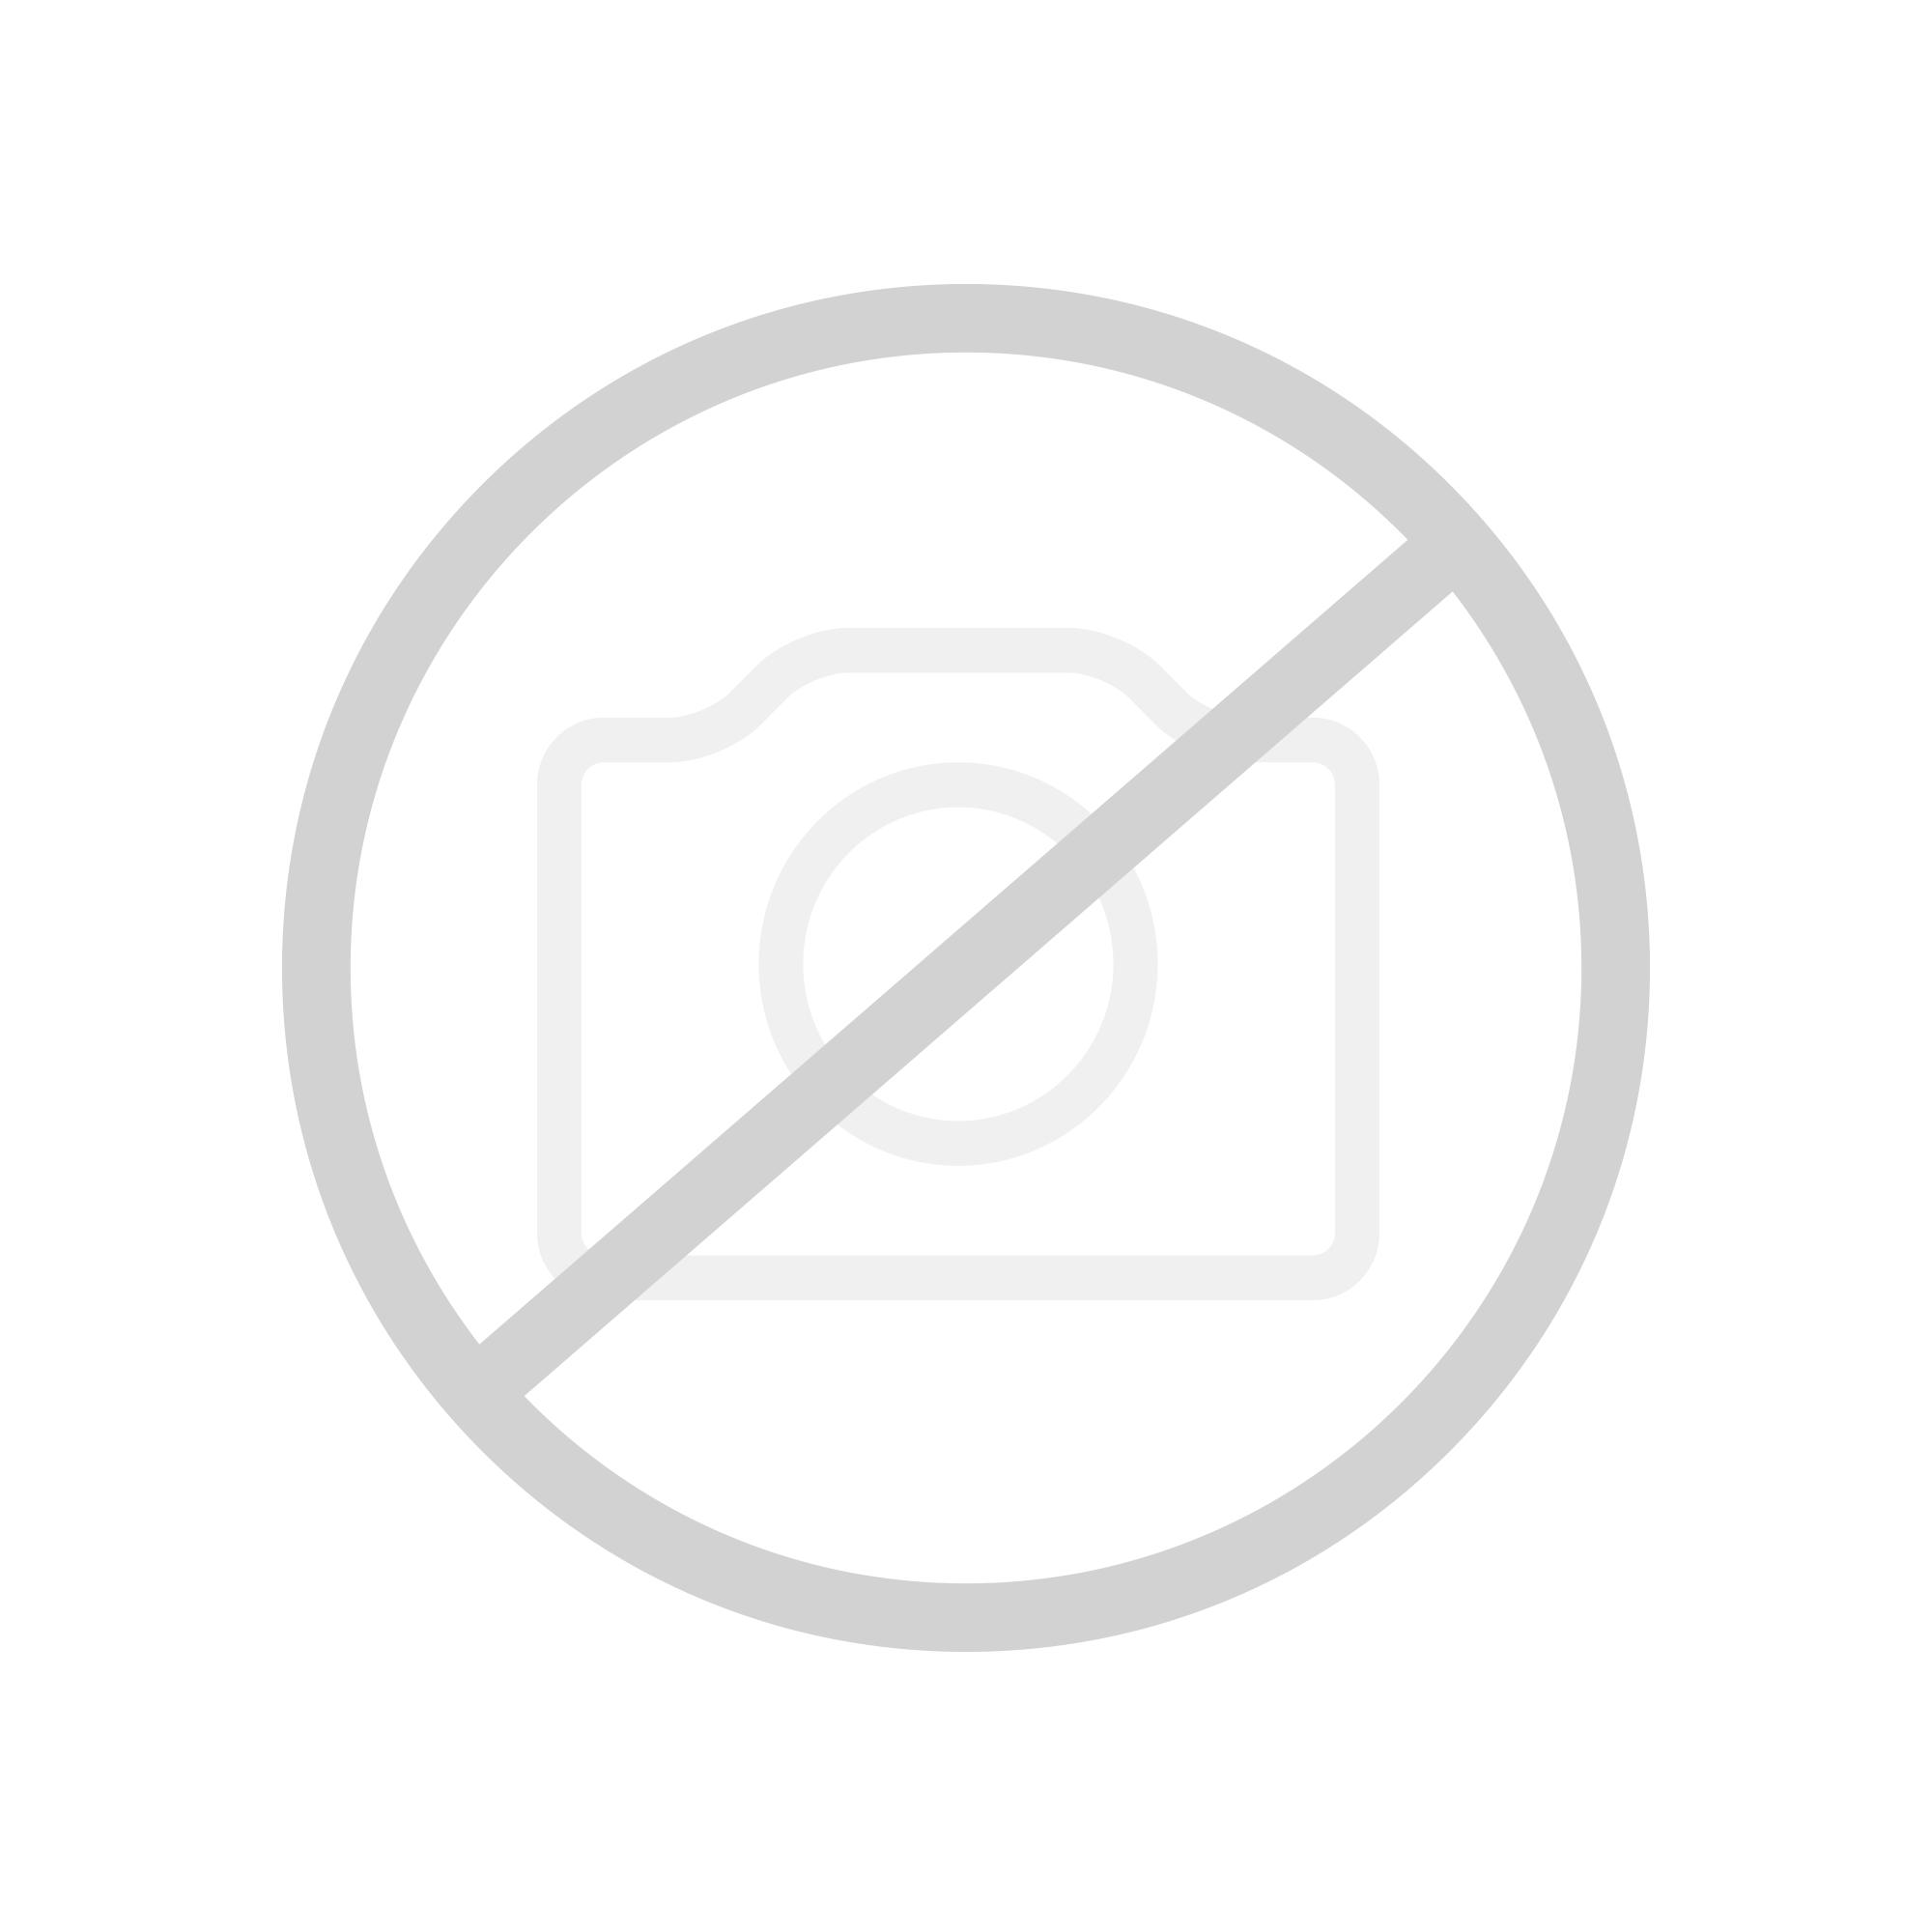 keuco edition 11 handtuchhalter feststehend 11119010000 reuter. Black Bedroom Furniture Sets. Home Design Ideas